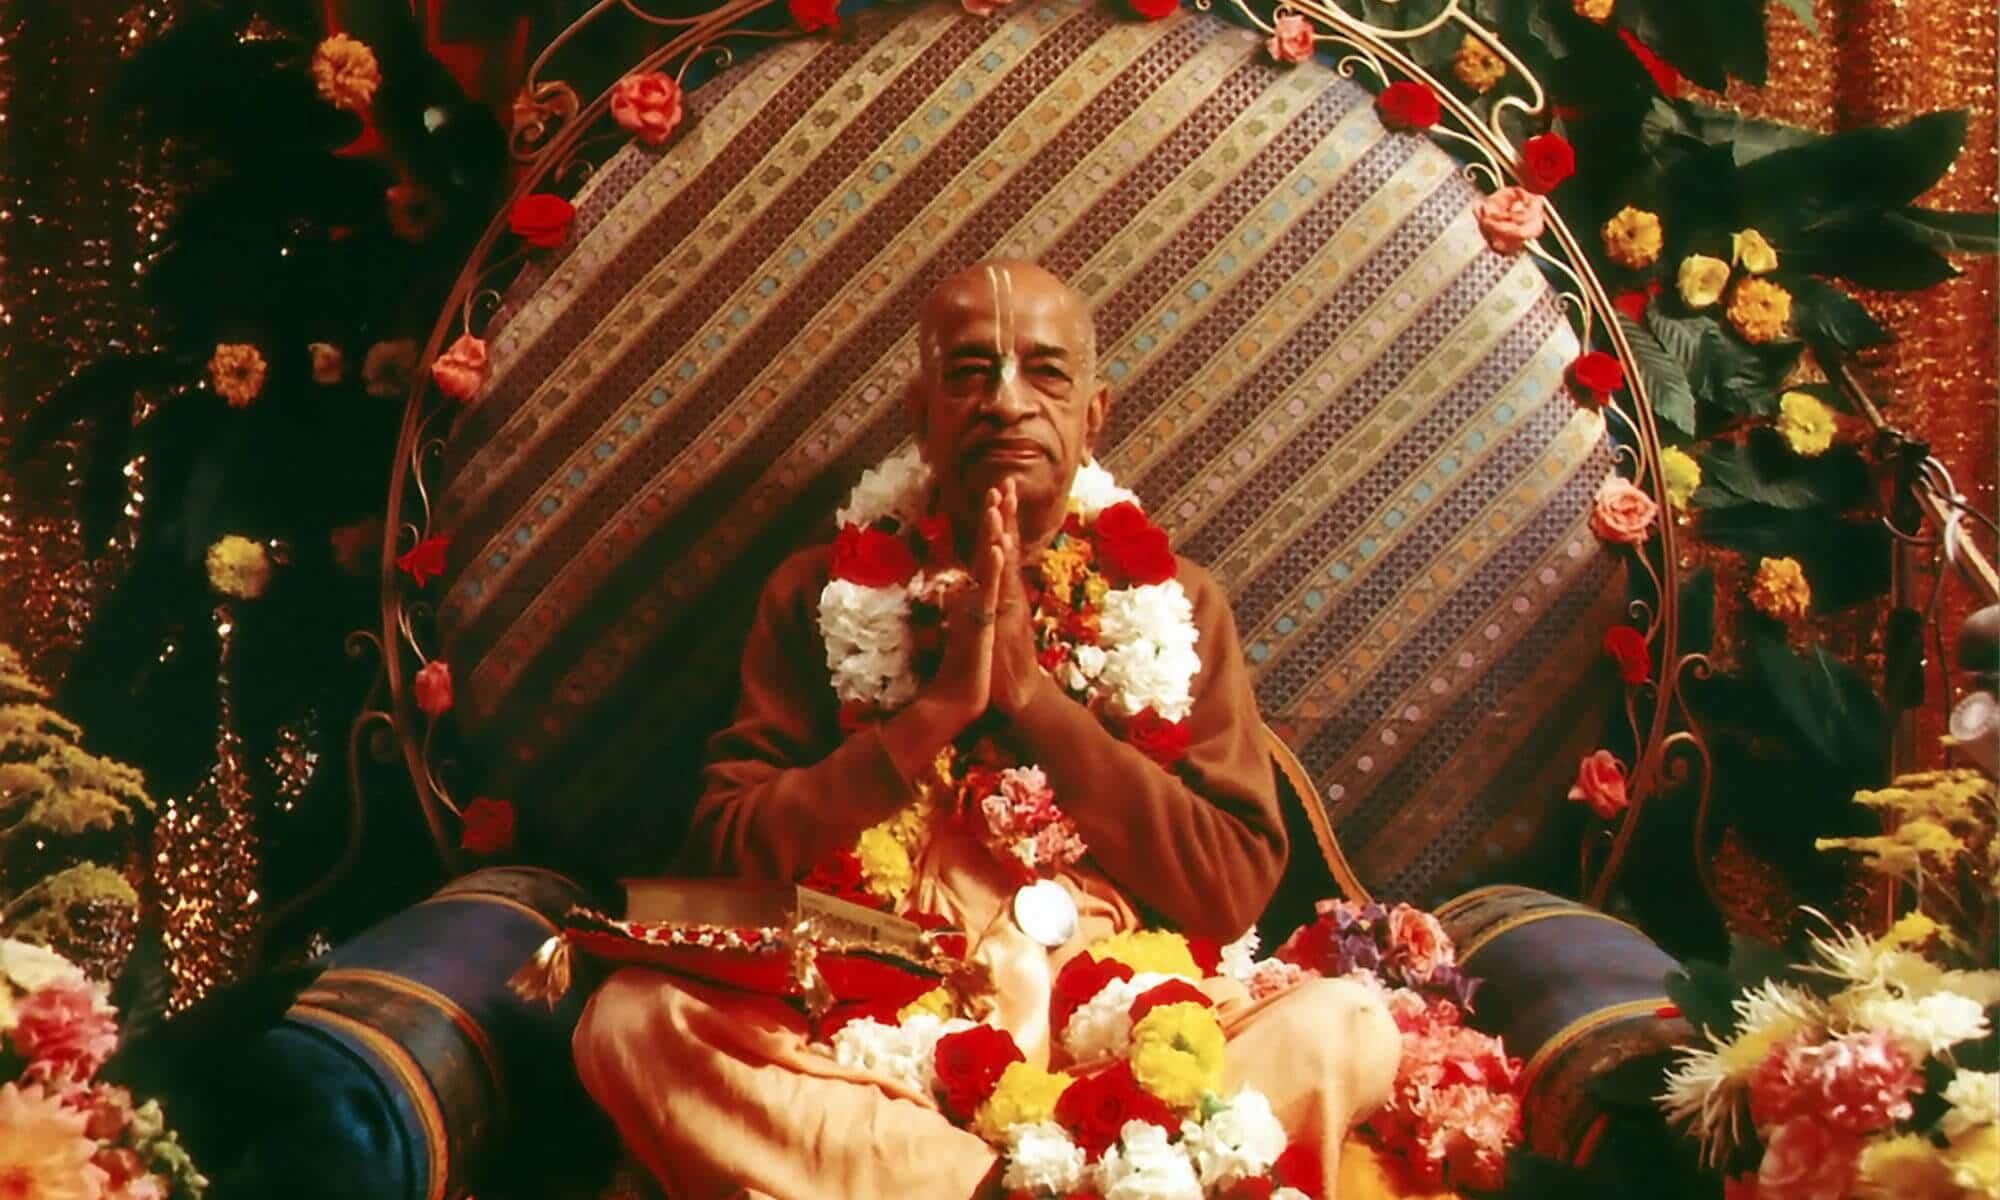 Srila Bhakti Vedant Swami Maharaj